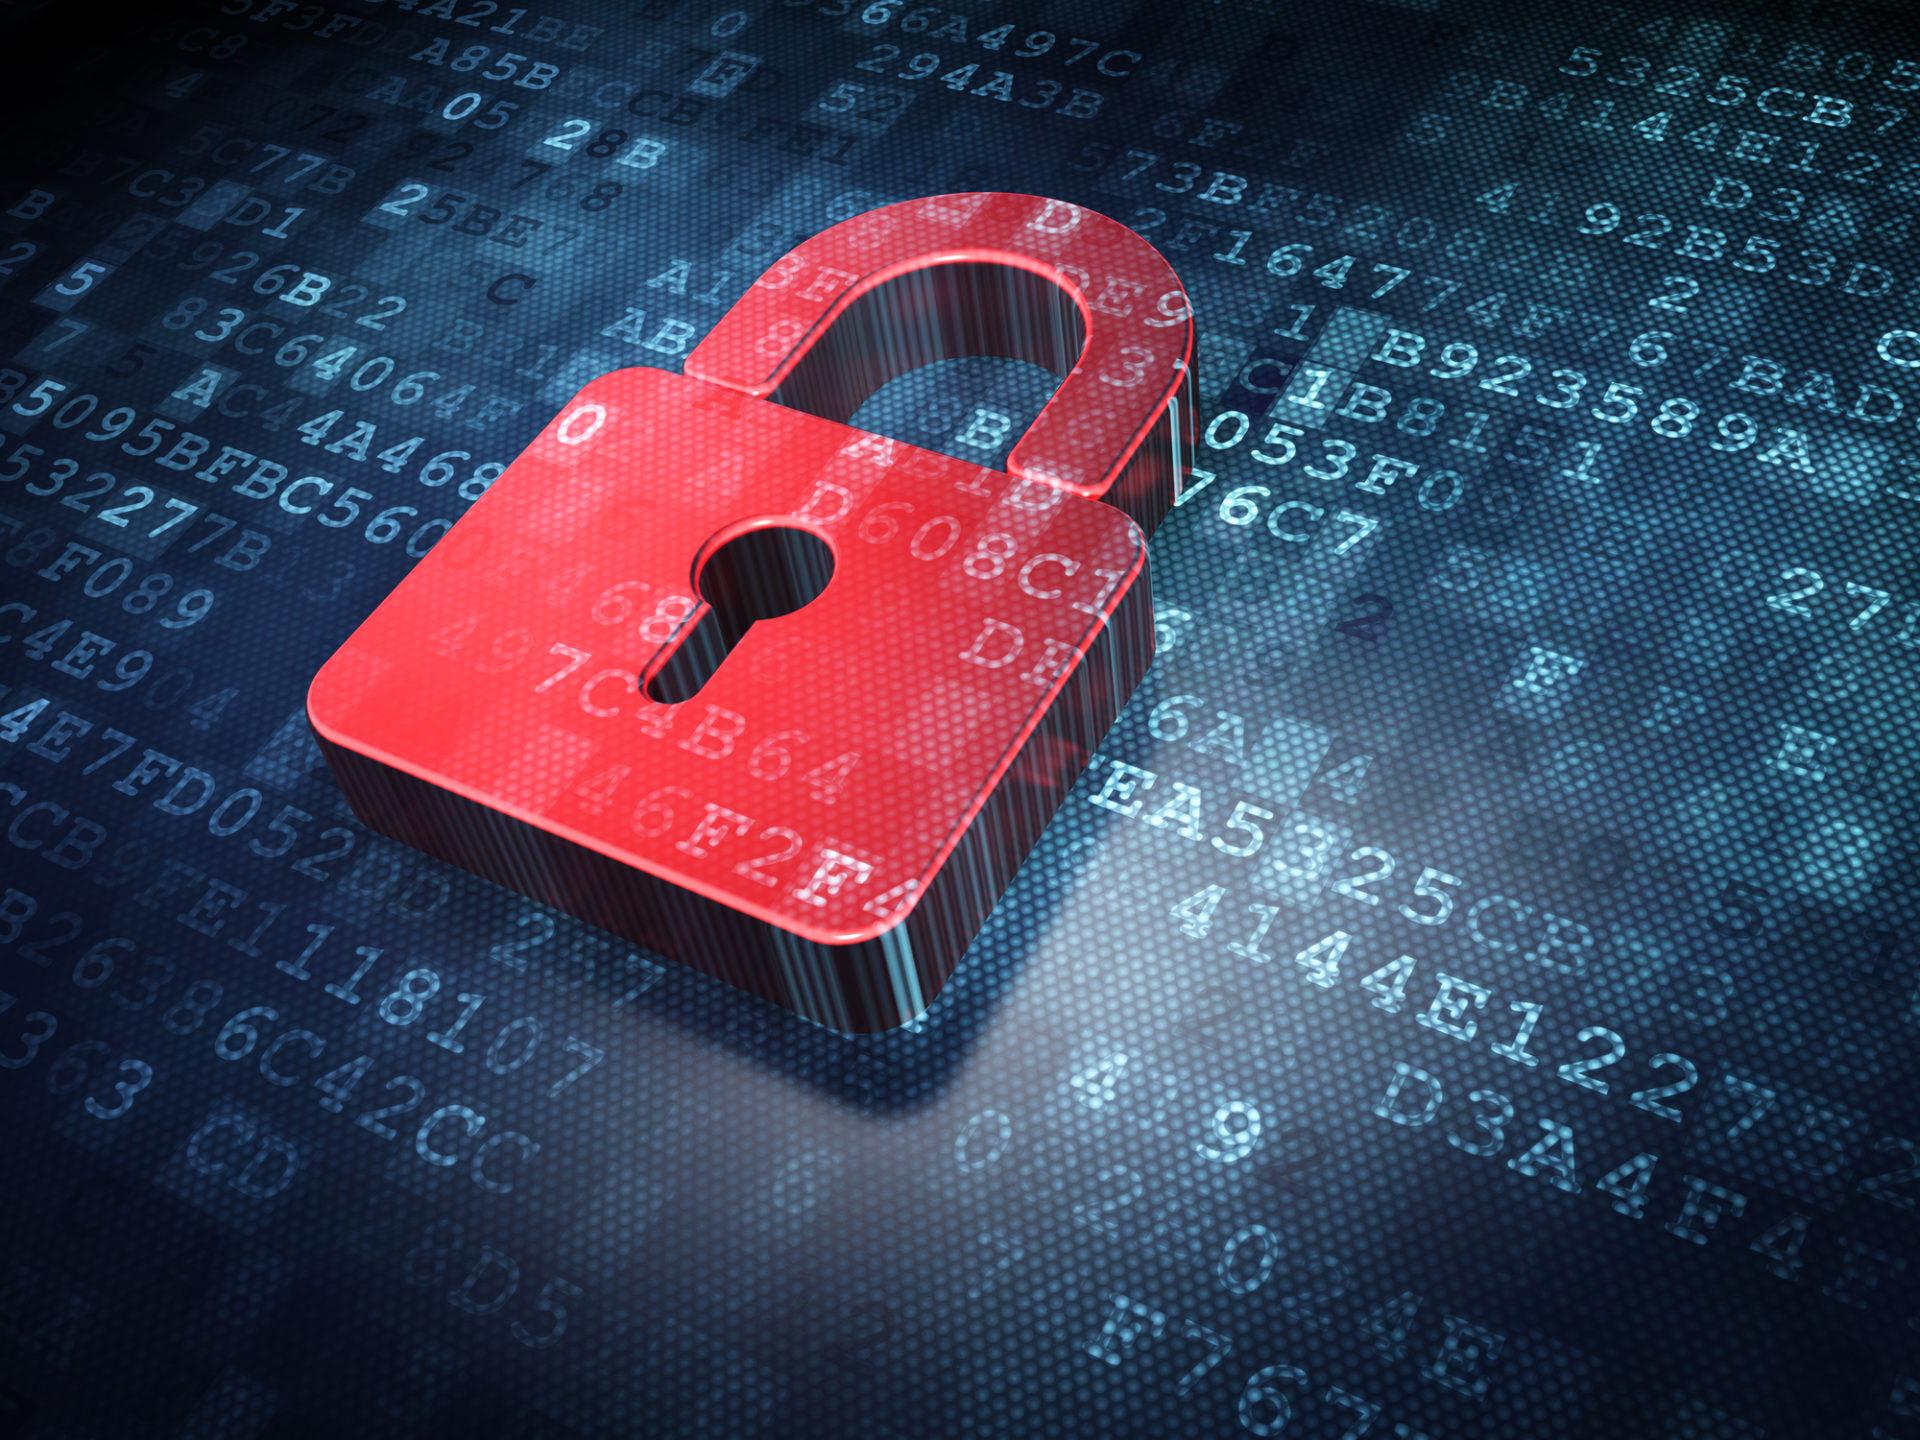 Schloss vor dem Hintergrund digitaler Zeichenketten, Beschreibt die Notwendigkeit für IT-Sicherheit und Datenschutz in der Immobilienbranche